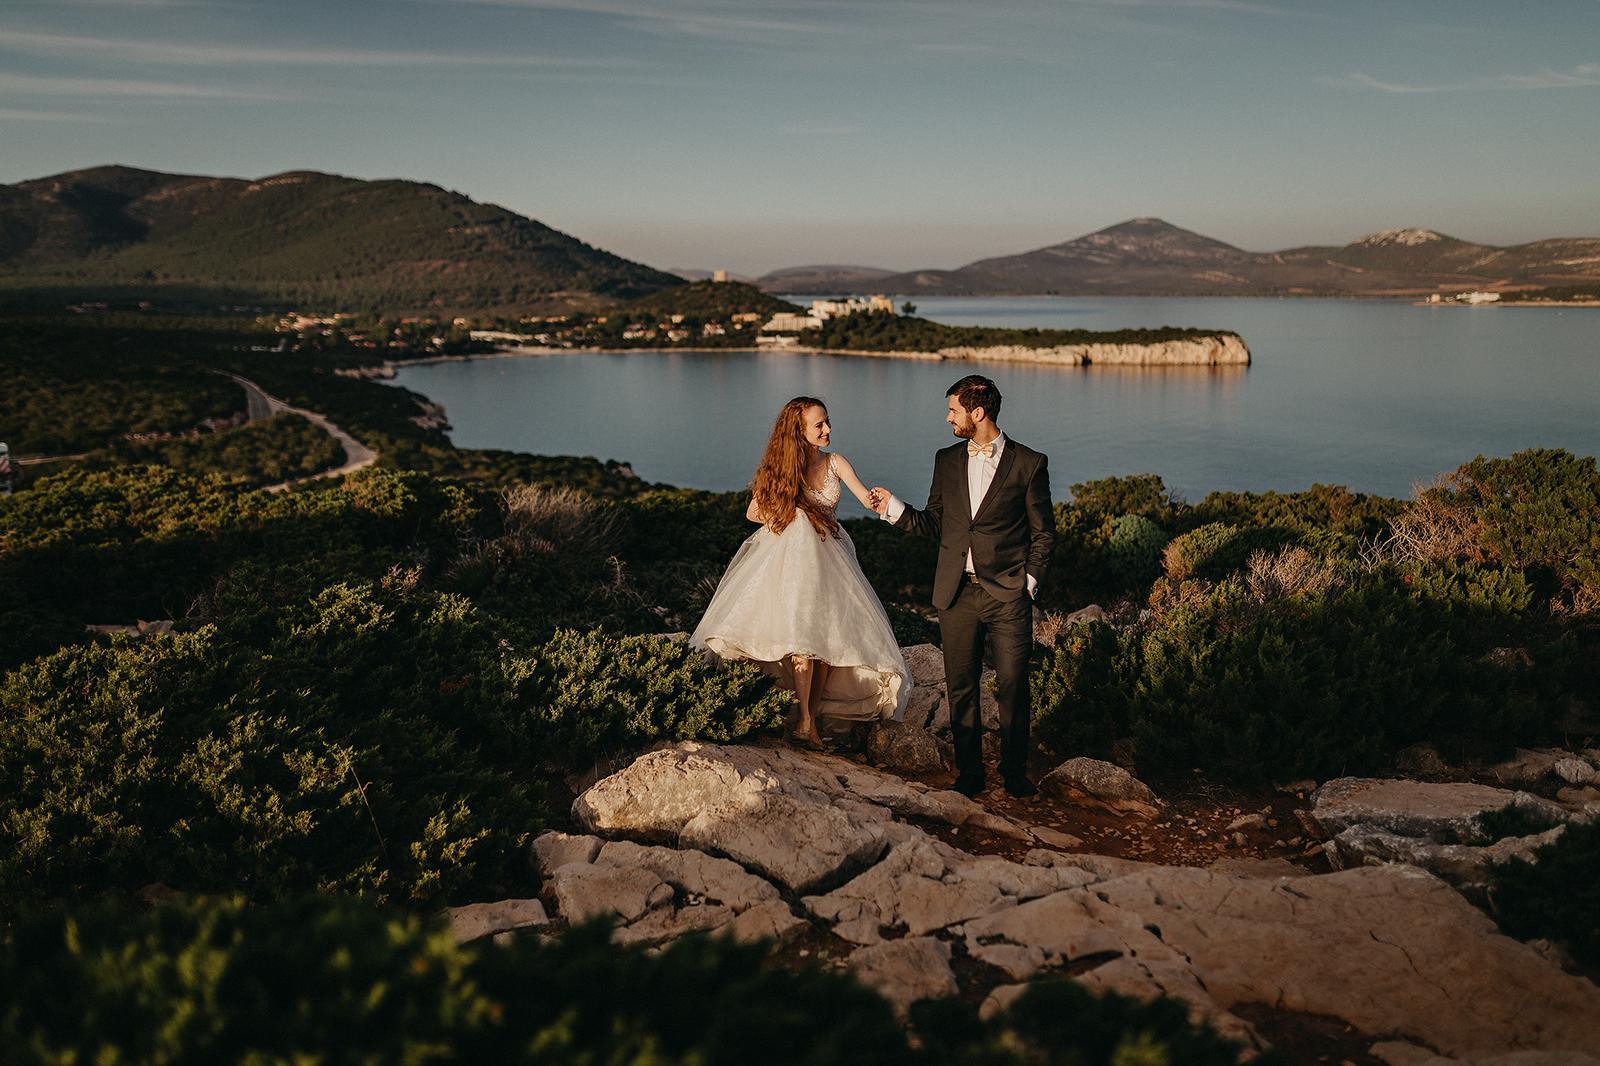 Naše svadobné fotenie na Sardínii - Obrázok č. 77